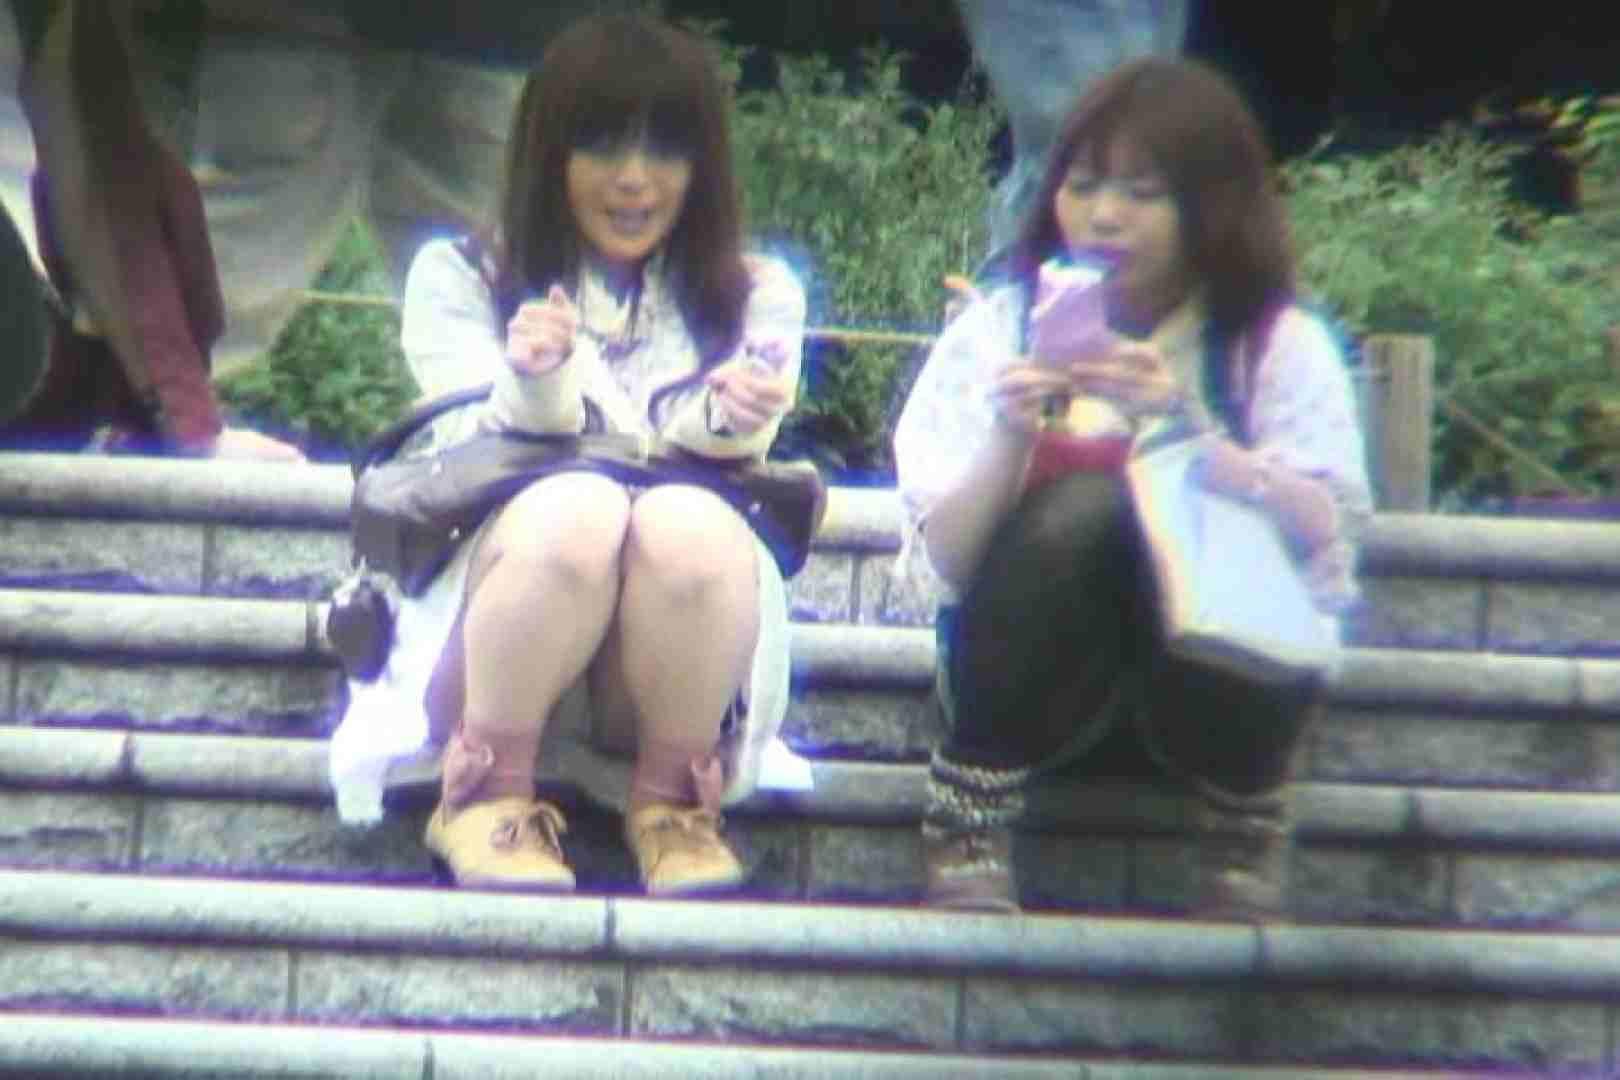 超最新版!春夏秋冬 vol.04 盗撮師作品 盗撮動画紹介 97pic 91